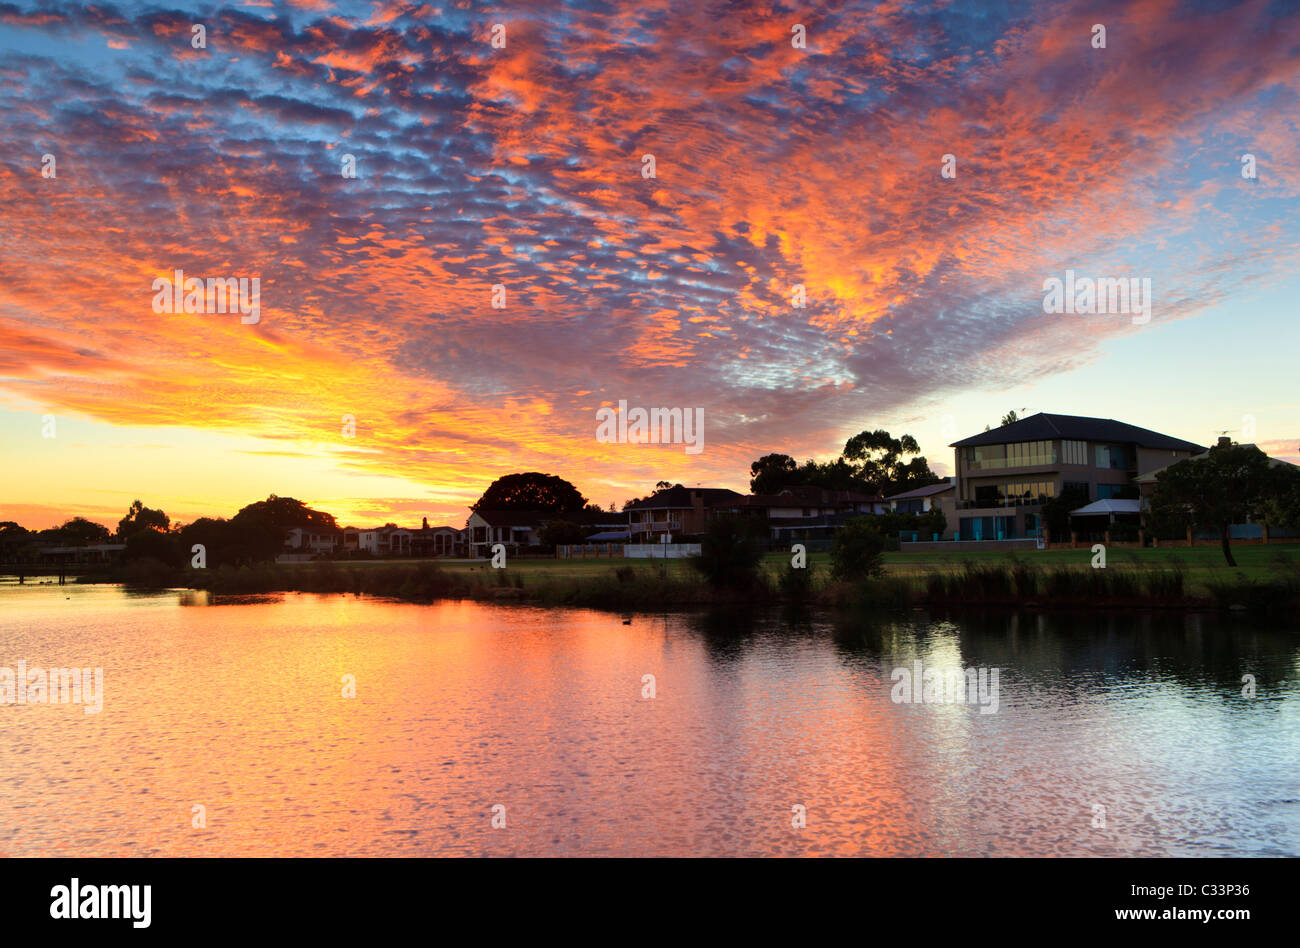 Am großen See befindet sich bei Sonnenuntergang in wohlhabenden South Perth, Western Australia. Stockbild